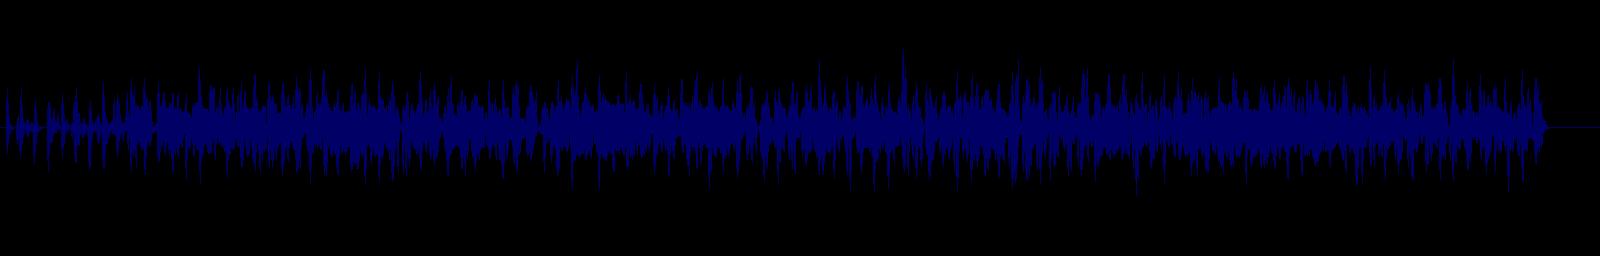 waveform of track #115725